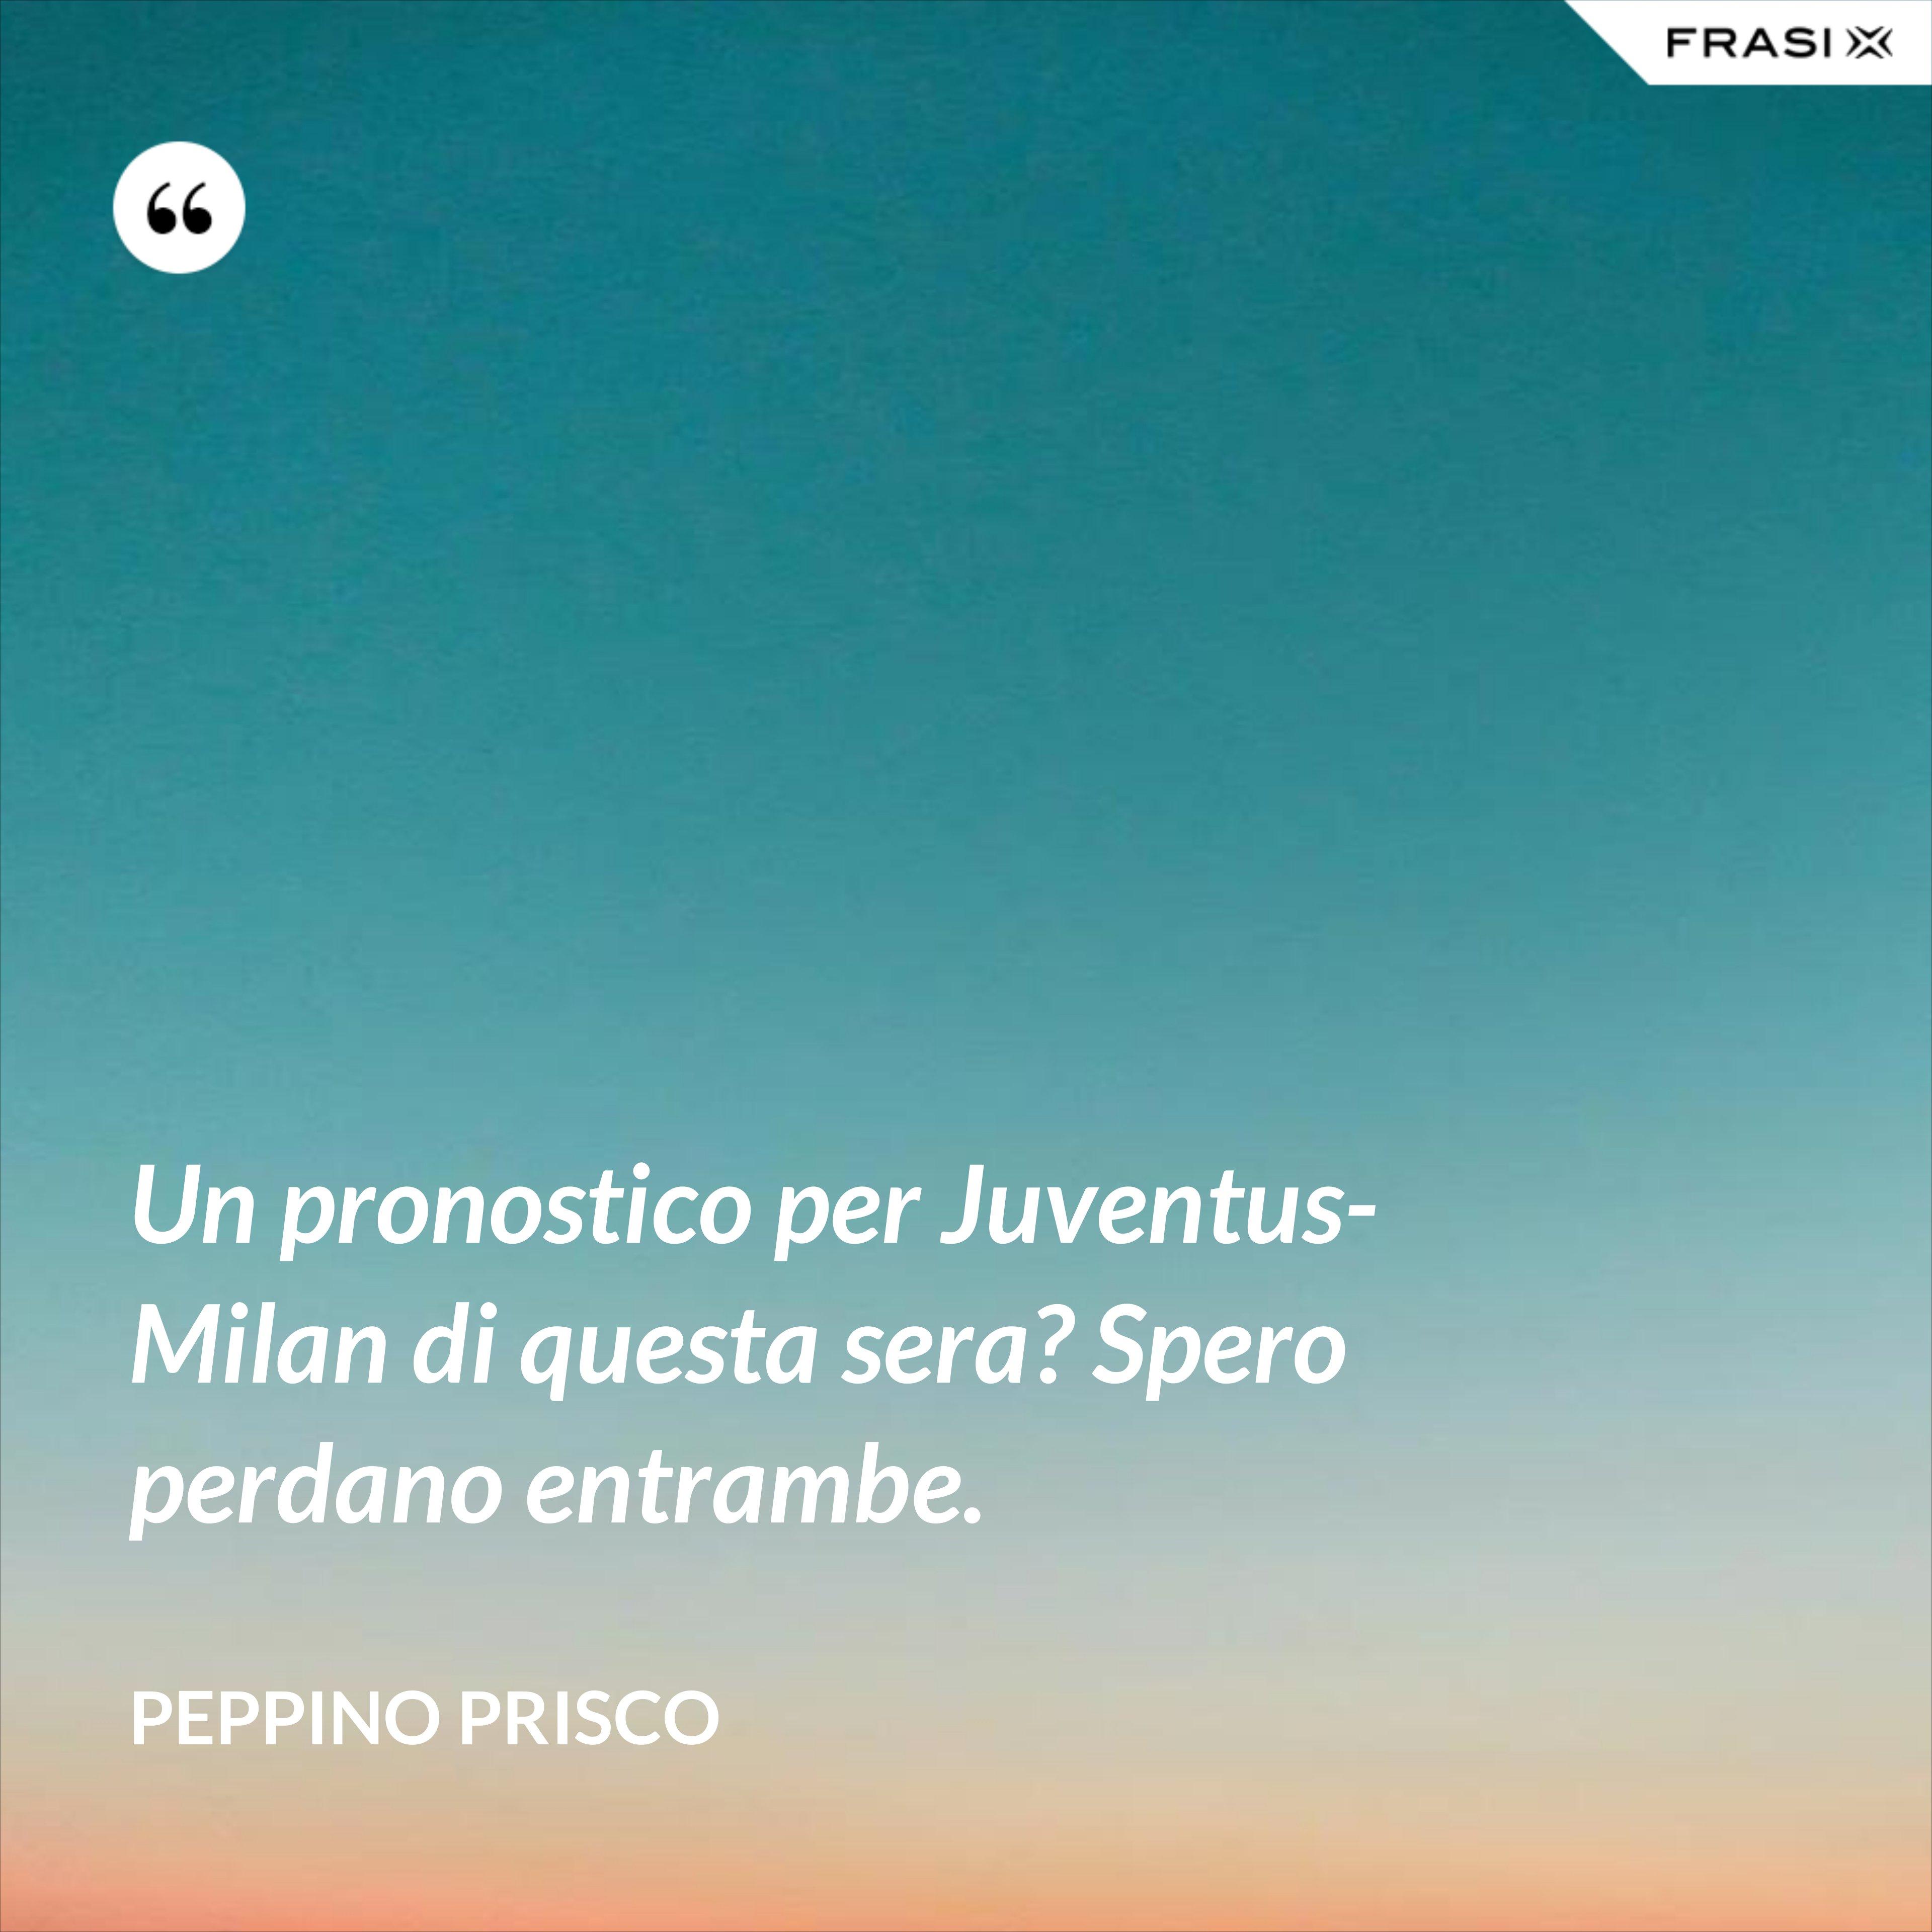 Un pronostico per Juventus-Milan di questa sera? Spero perdano entrambe. - Peppino Prisco